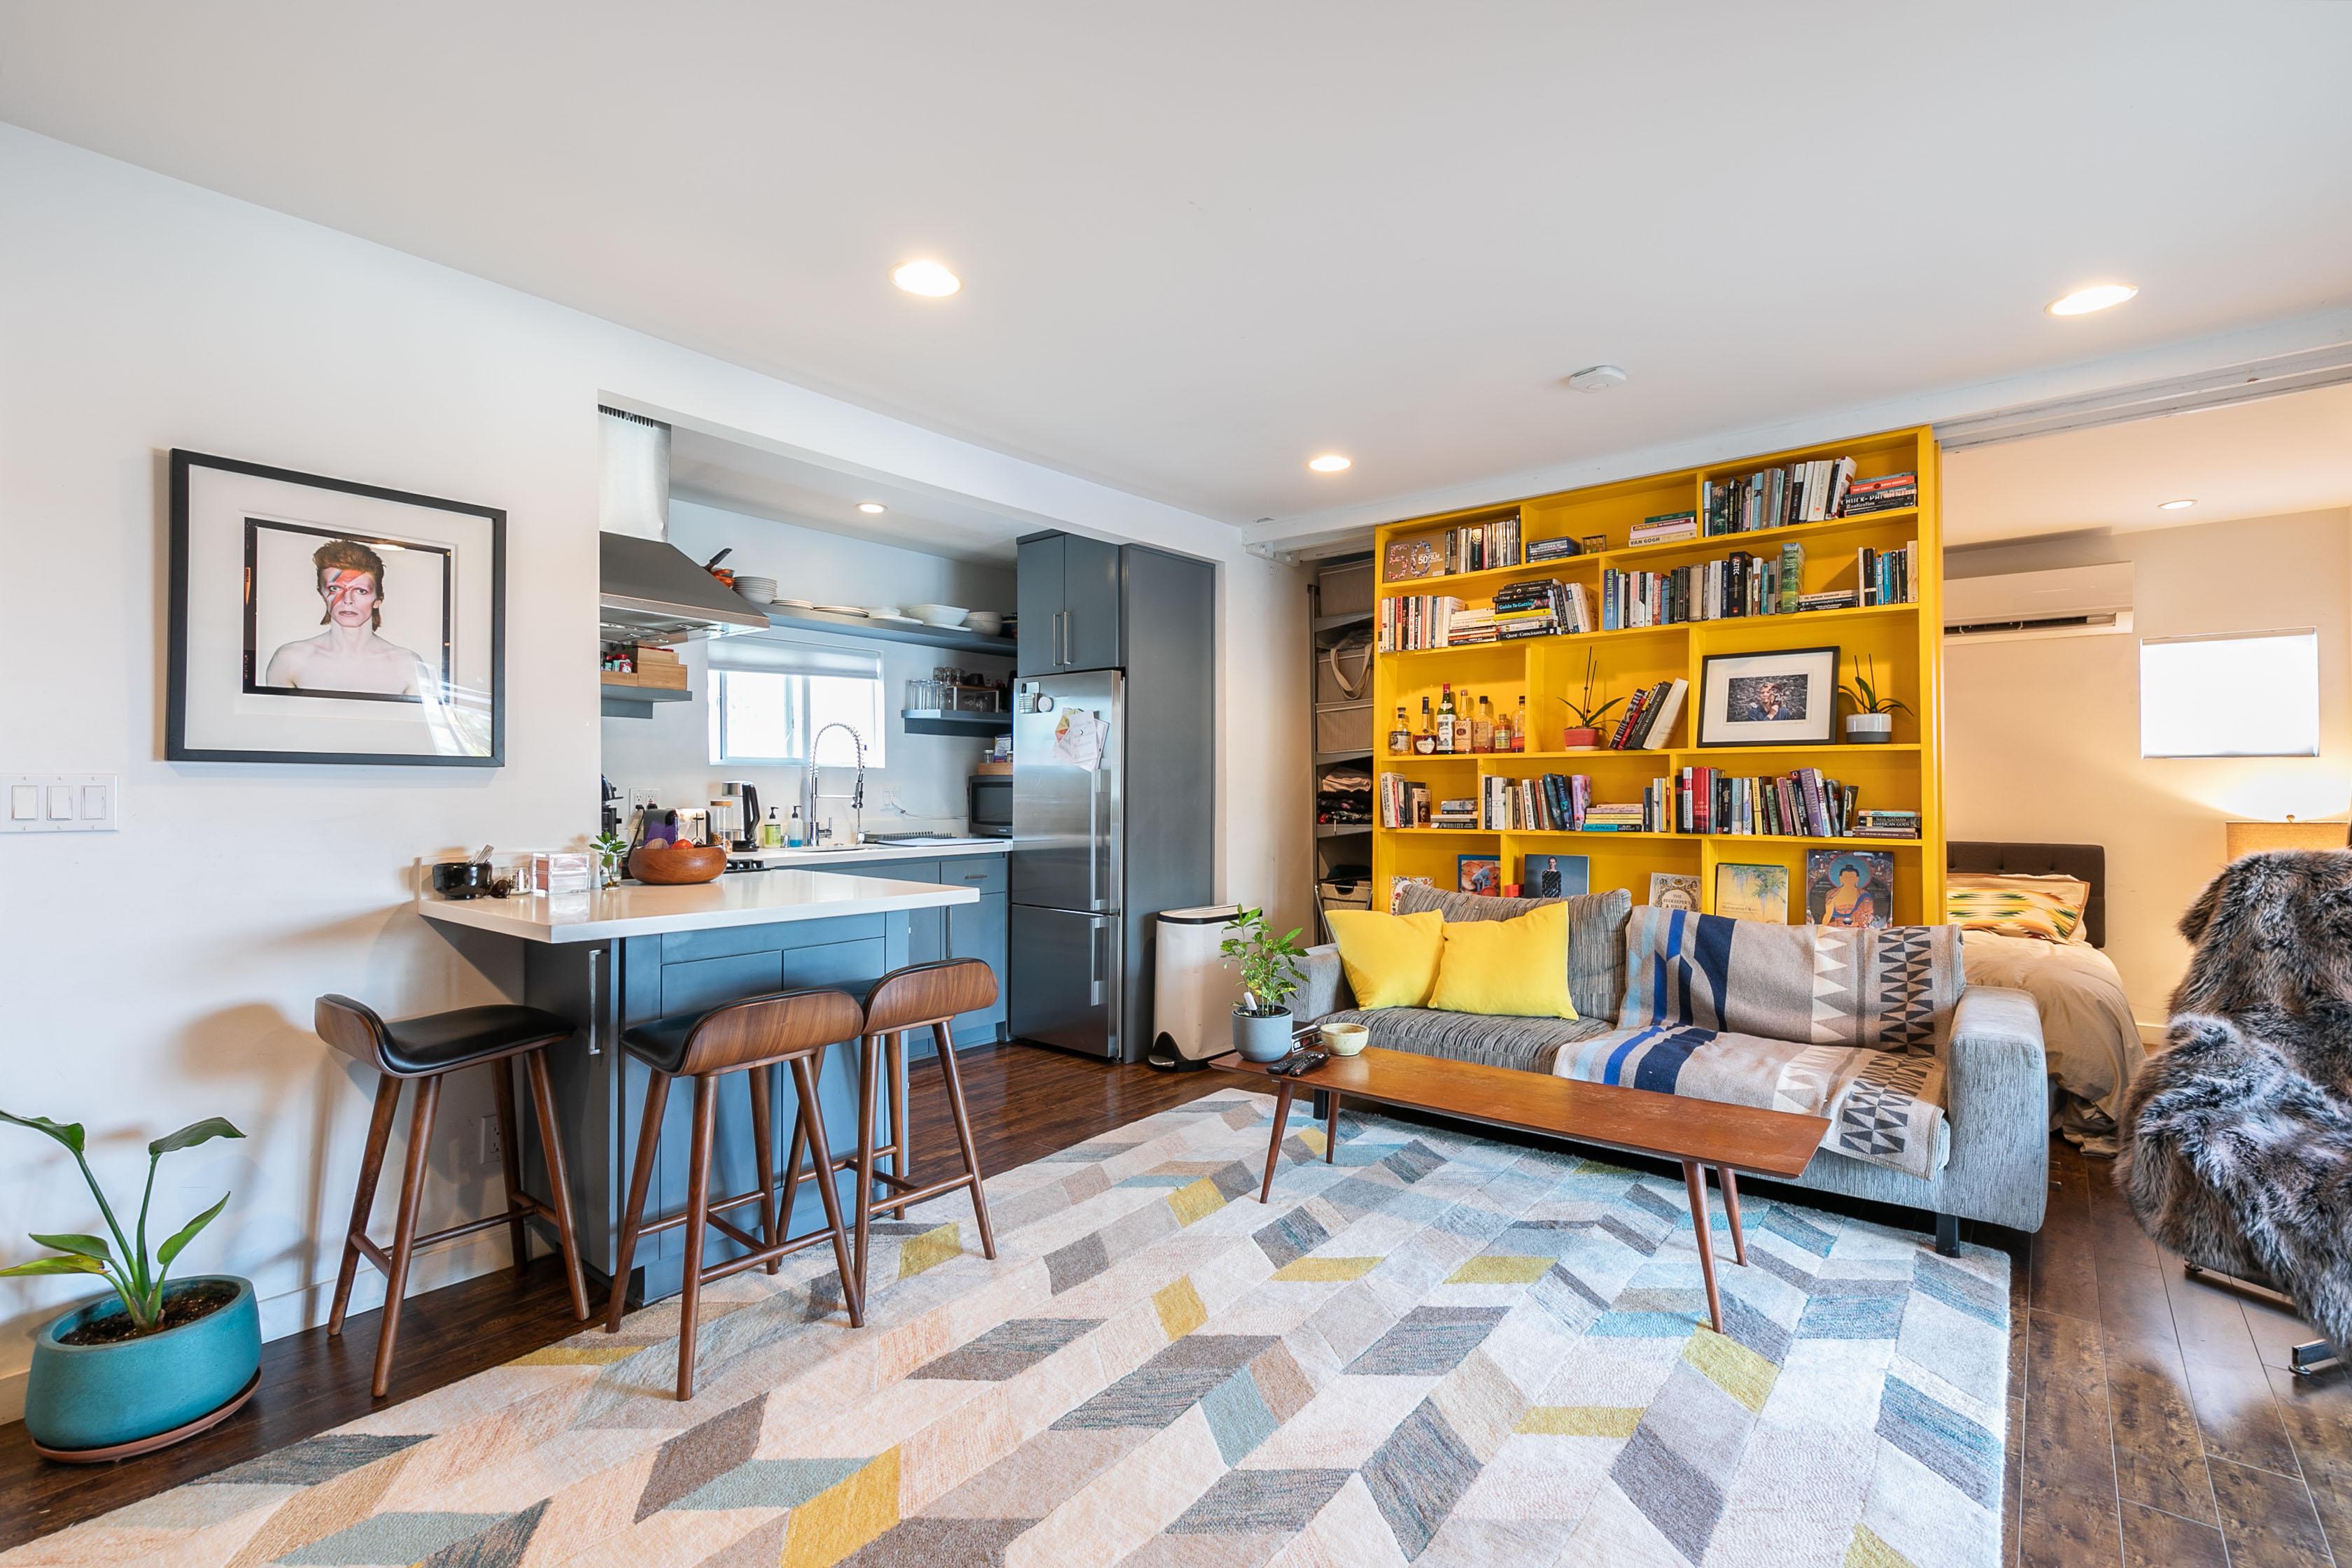 Stunning Modern 1/1 | Stand-Alone Cottage | Sleek Updates | Private Outdoor Deck!